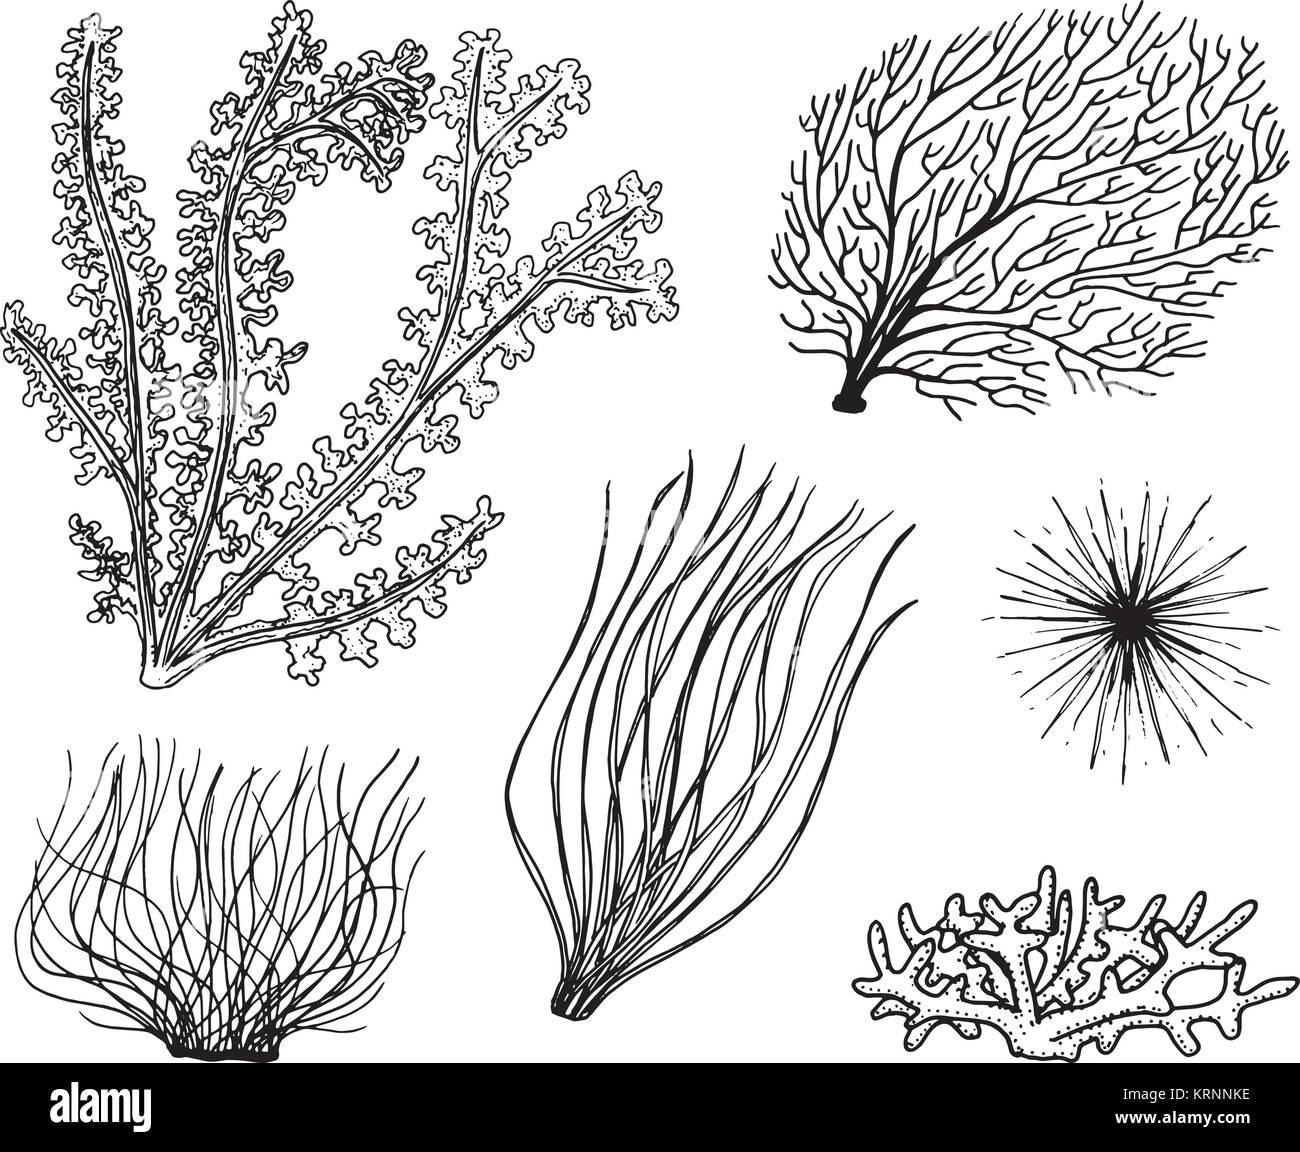 Plantas Marinas Algas La Vida Vegetal Y Alimentos Para